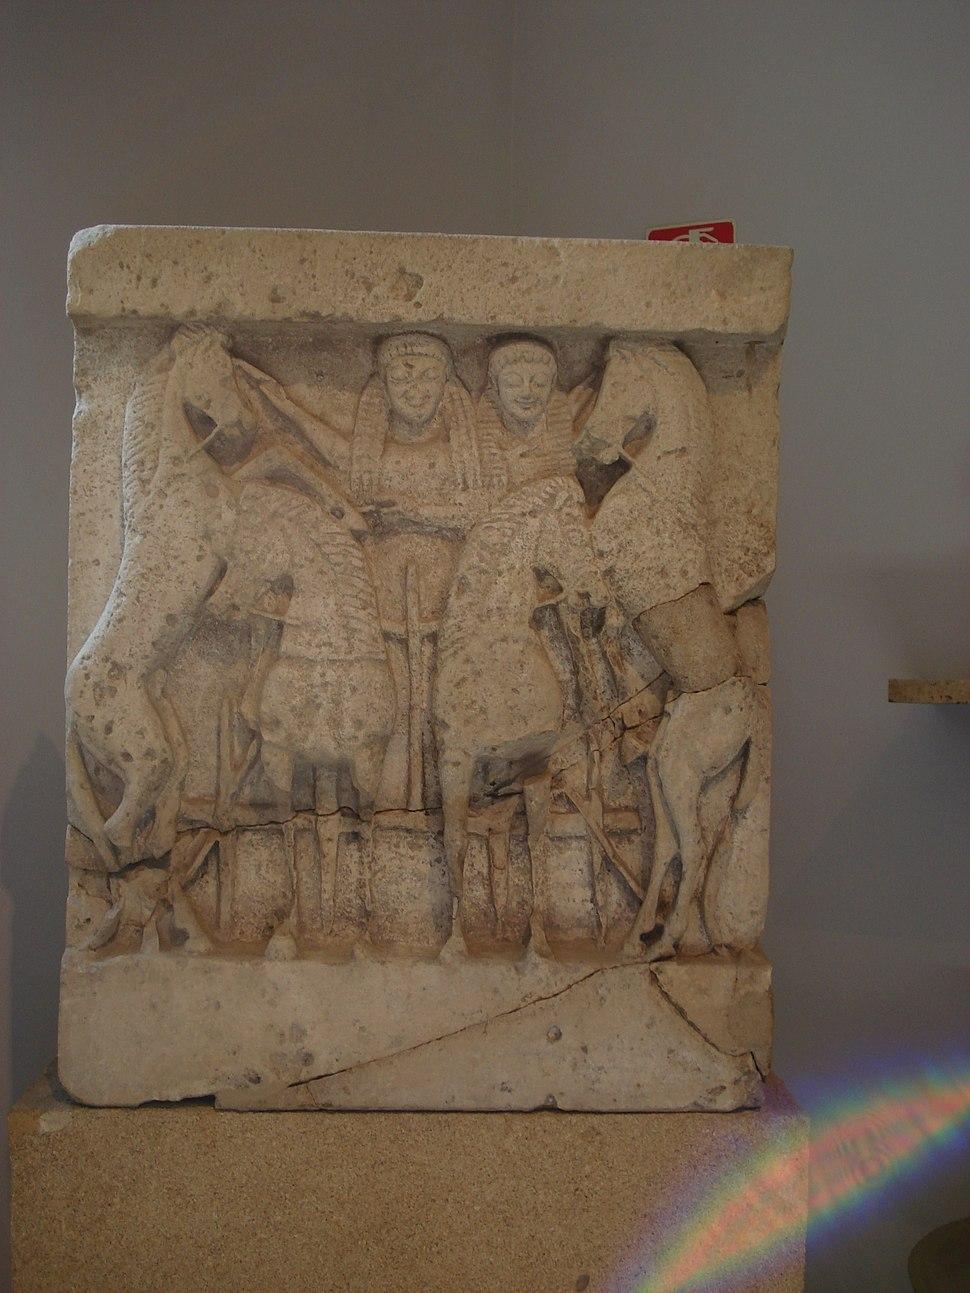 DSC00414 - Tempio Y di Selinunte sec. VIa.C. - Demetra e Kore su quadriga - Foto G. Dall'Orto